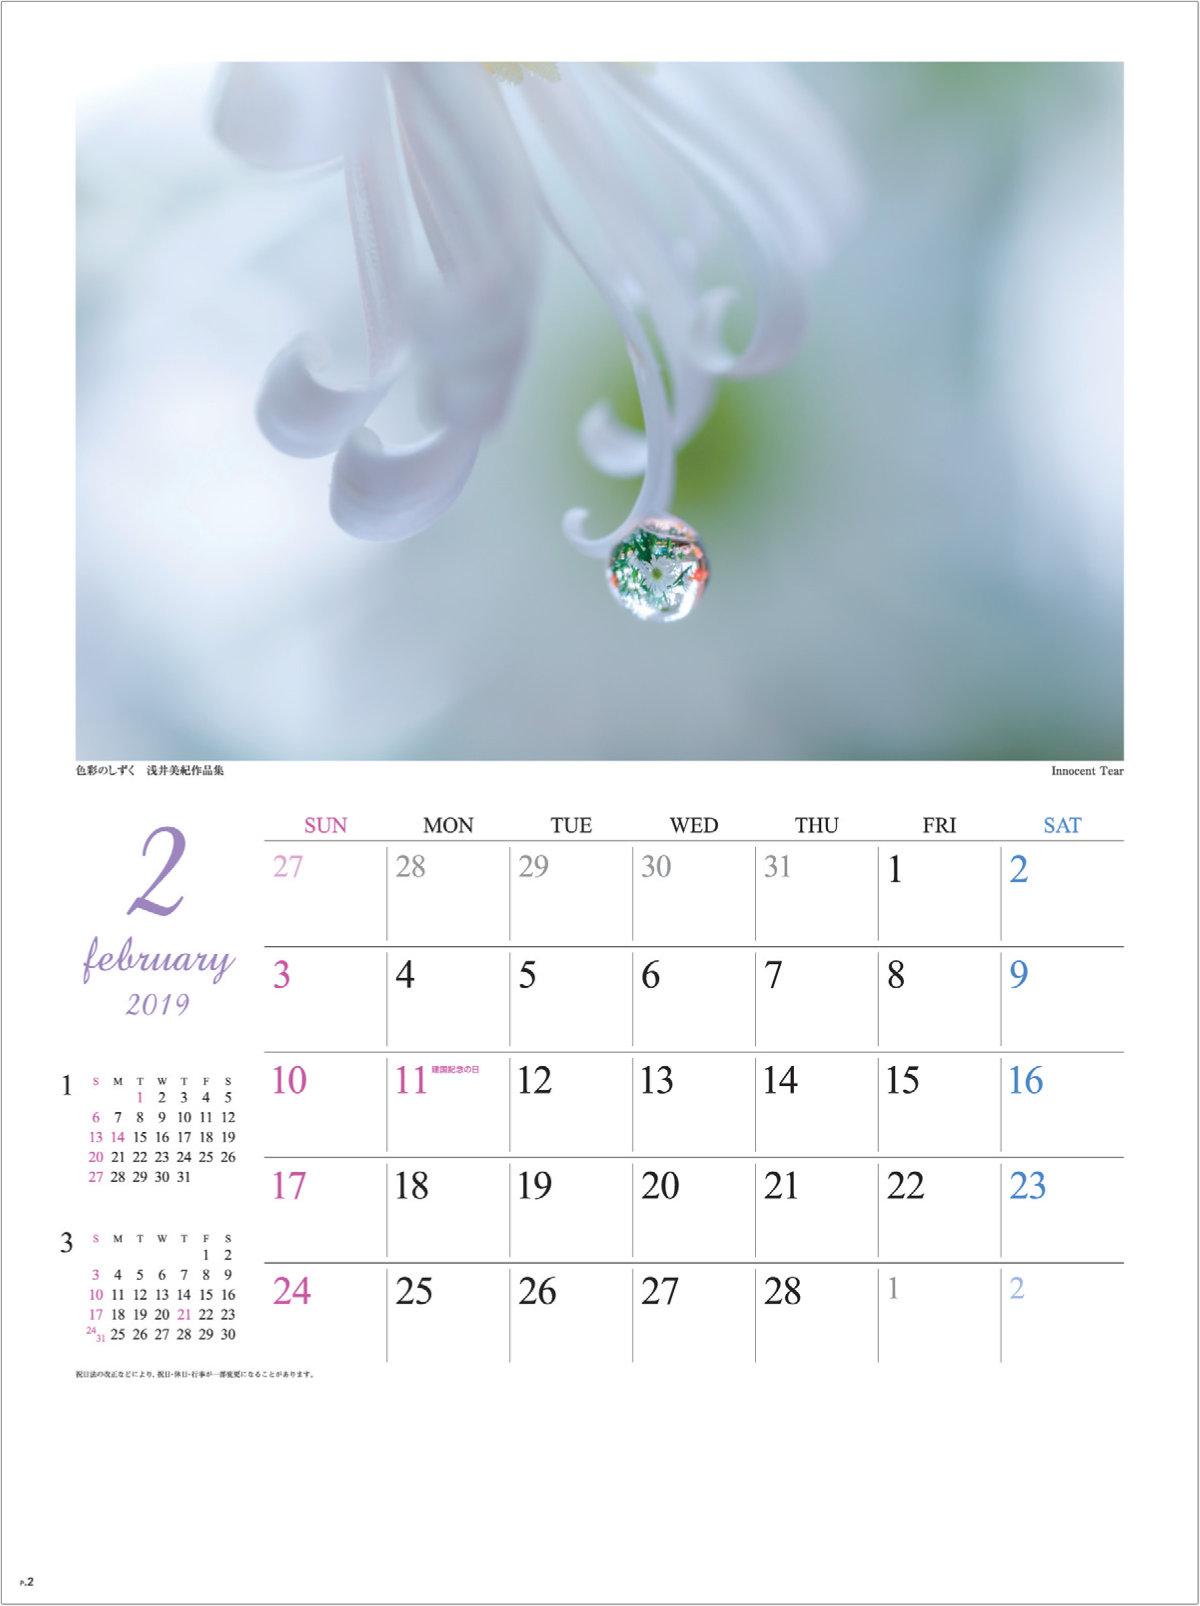 画像:浅井美紀 写真作品「Innocent Tear」 色彩のしずく・浅井美紀作品集 2019年カレンダー